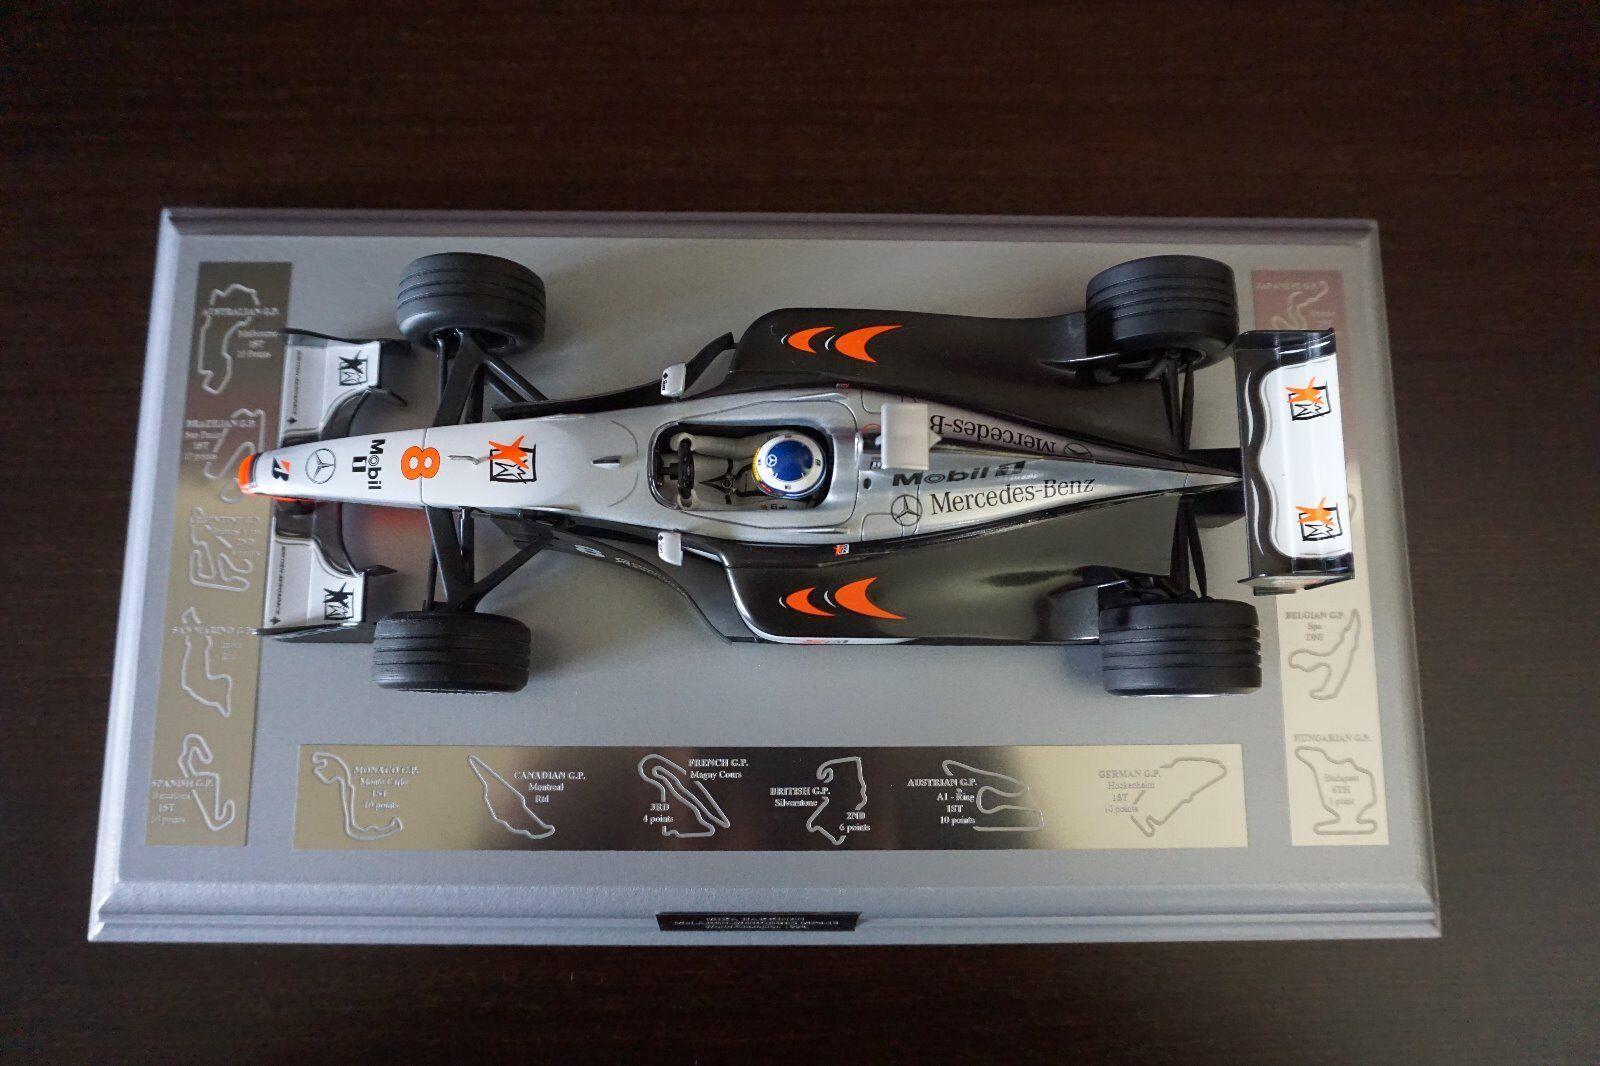 Mika Hakkinen Minichamps Minichamps Minichamps 1 18 Scale McLaren Mercedes MP4-13 1998 60e314